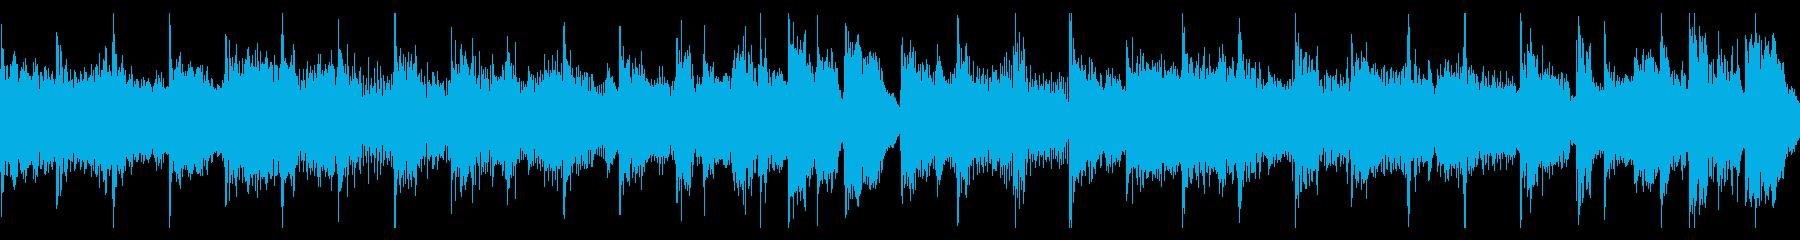 不利な状況に追い込まれたときの曲の再生済みの波形